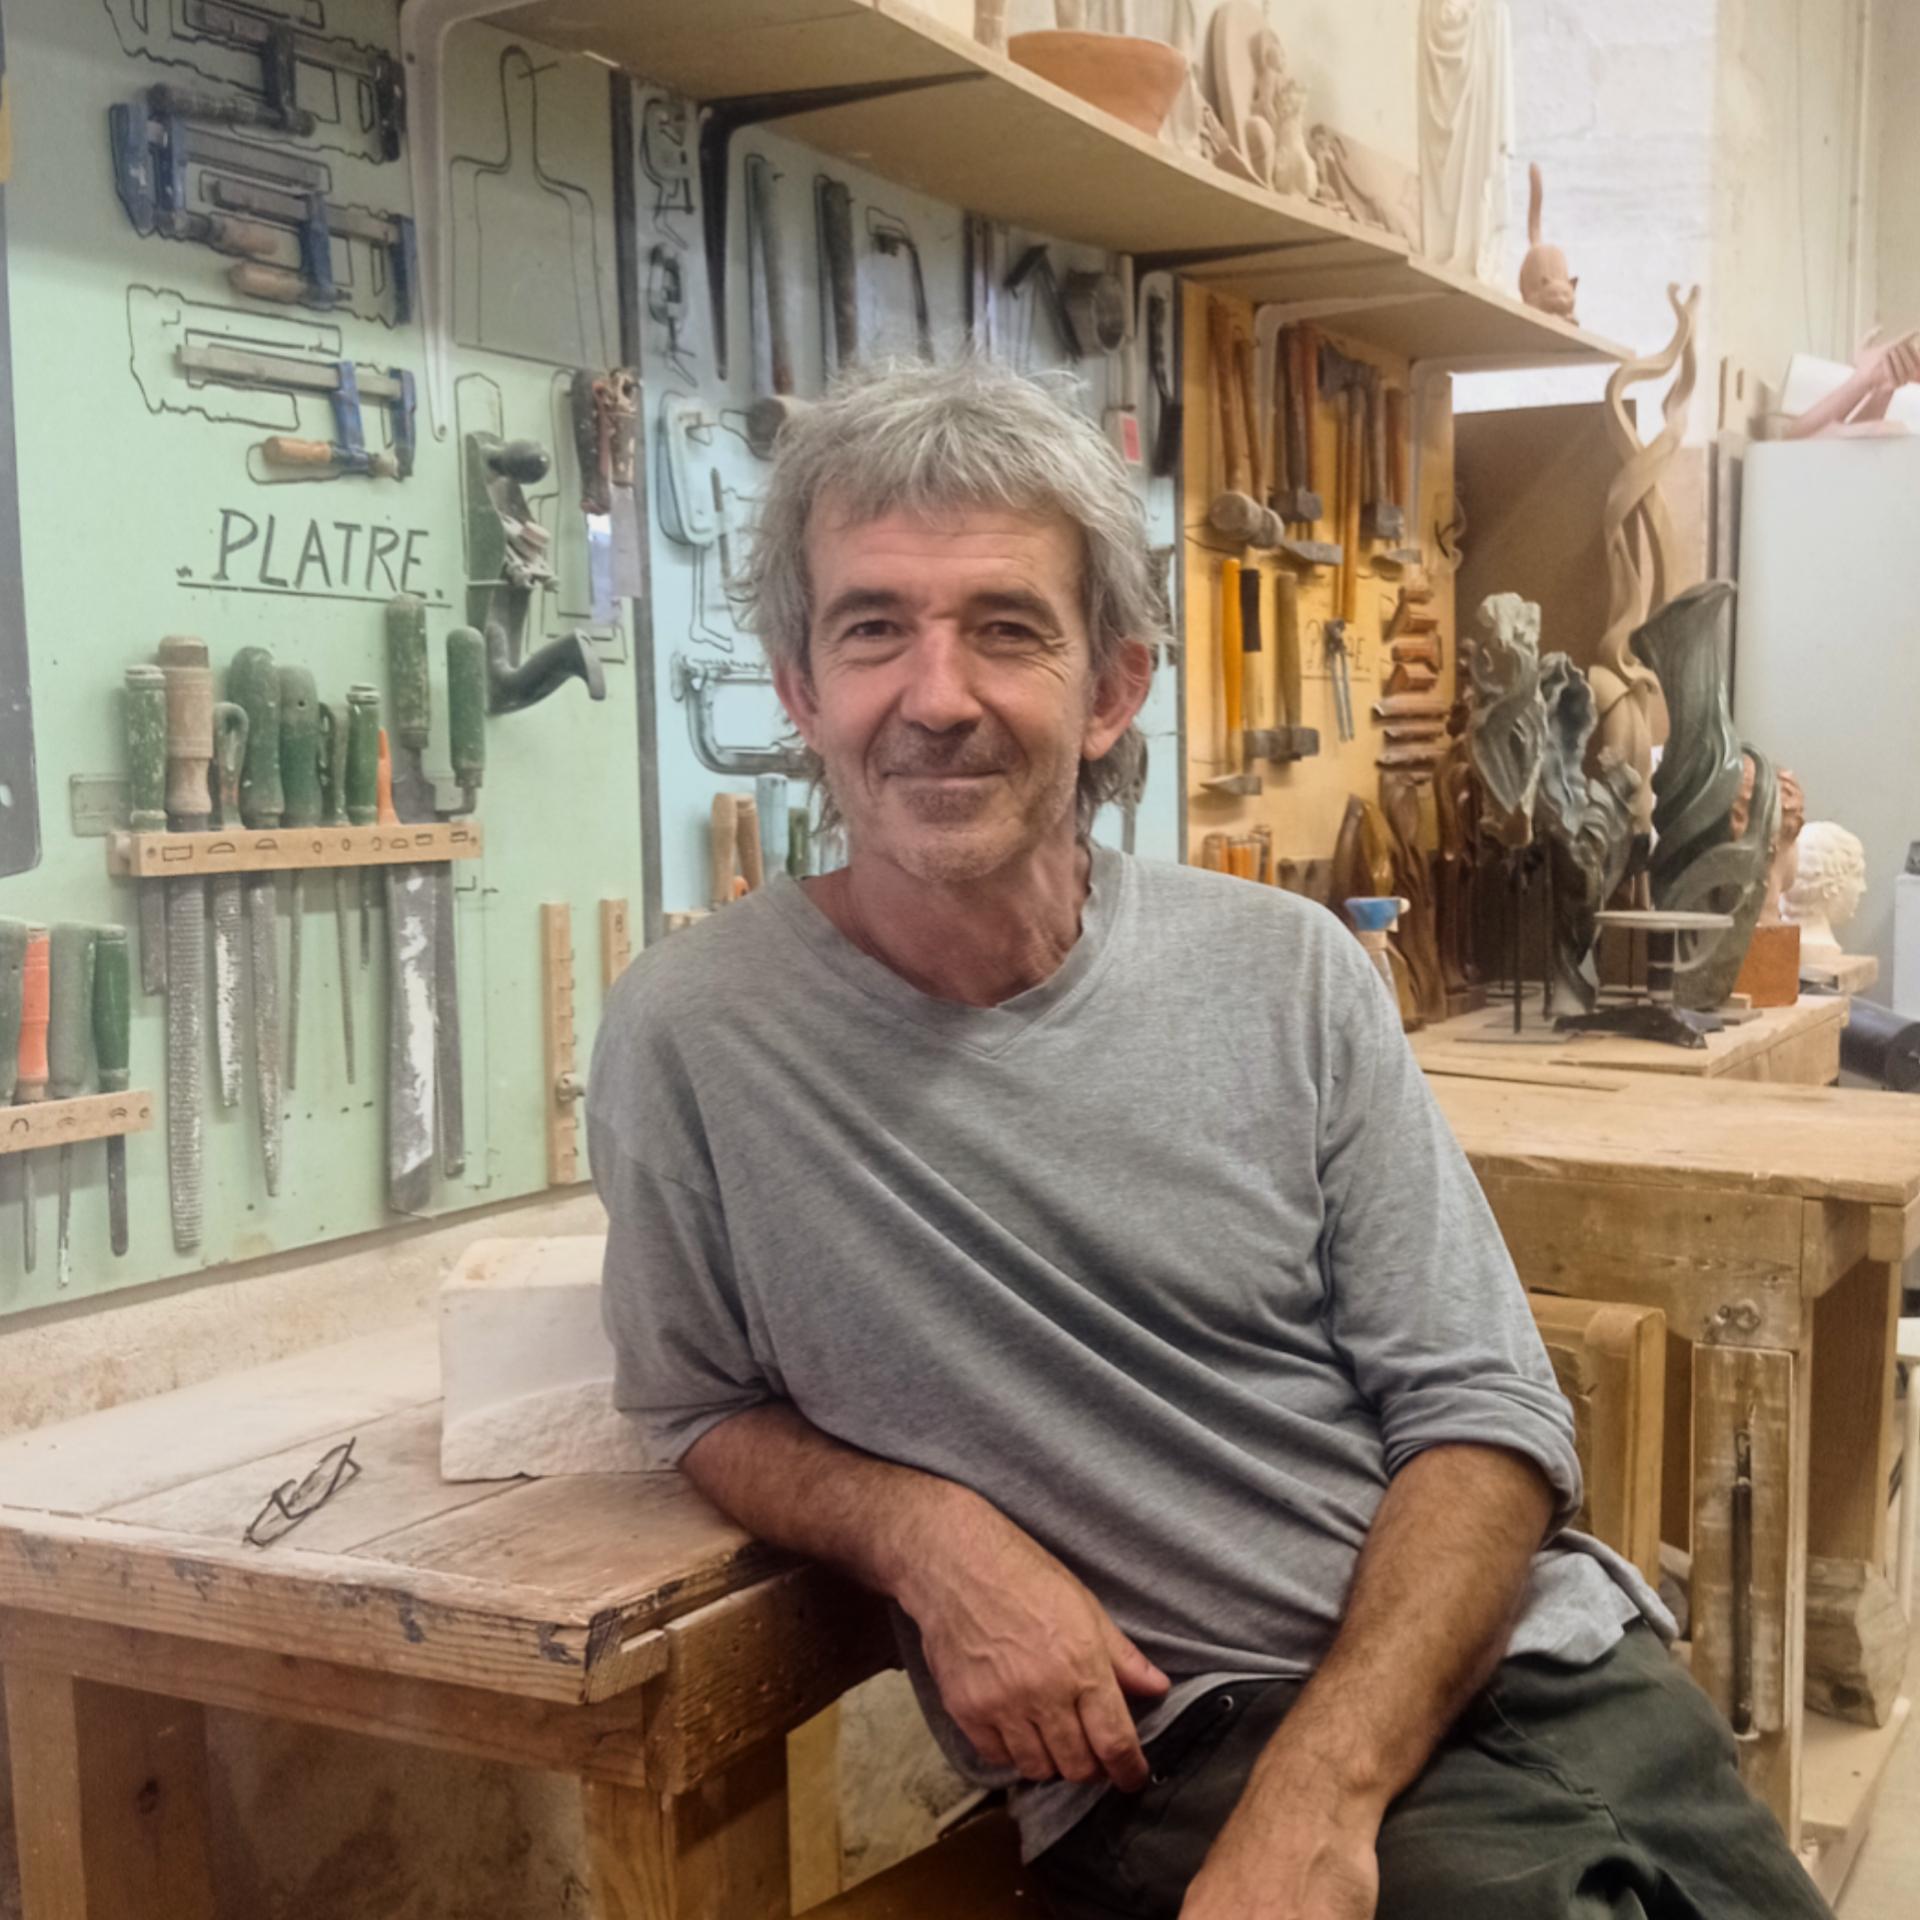 Philippe Zuberbuhler formateur en modelage, sculpture, moulage et Histoire de l'Art à l'Académie des Arts d'Avignon